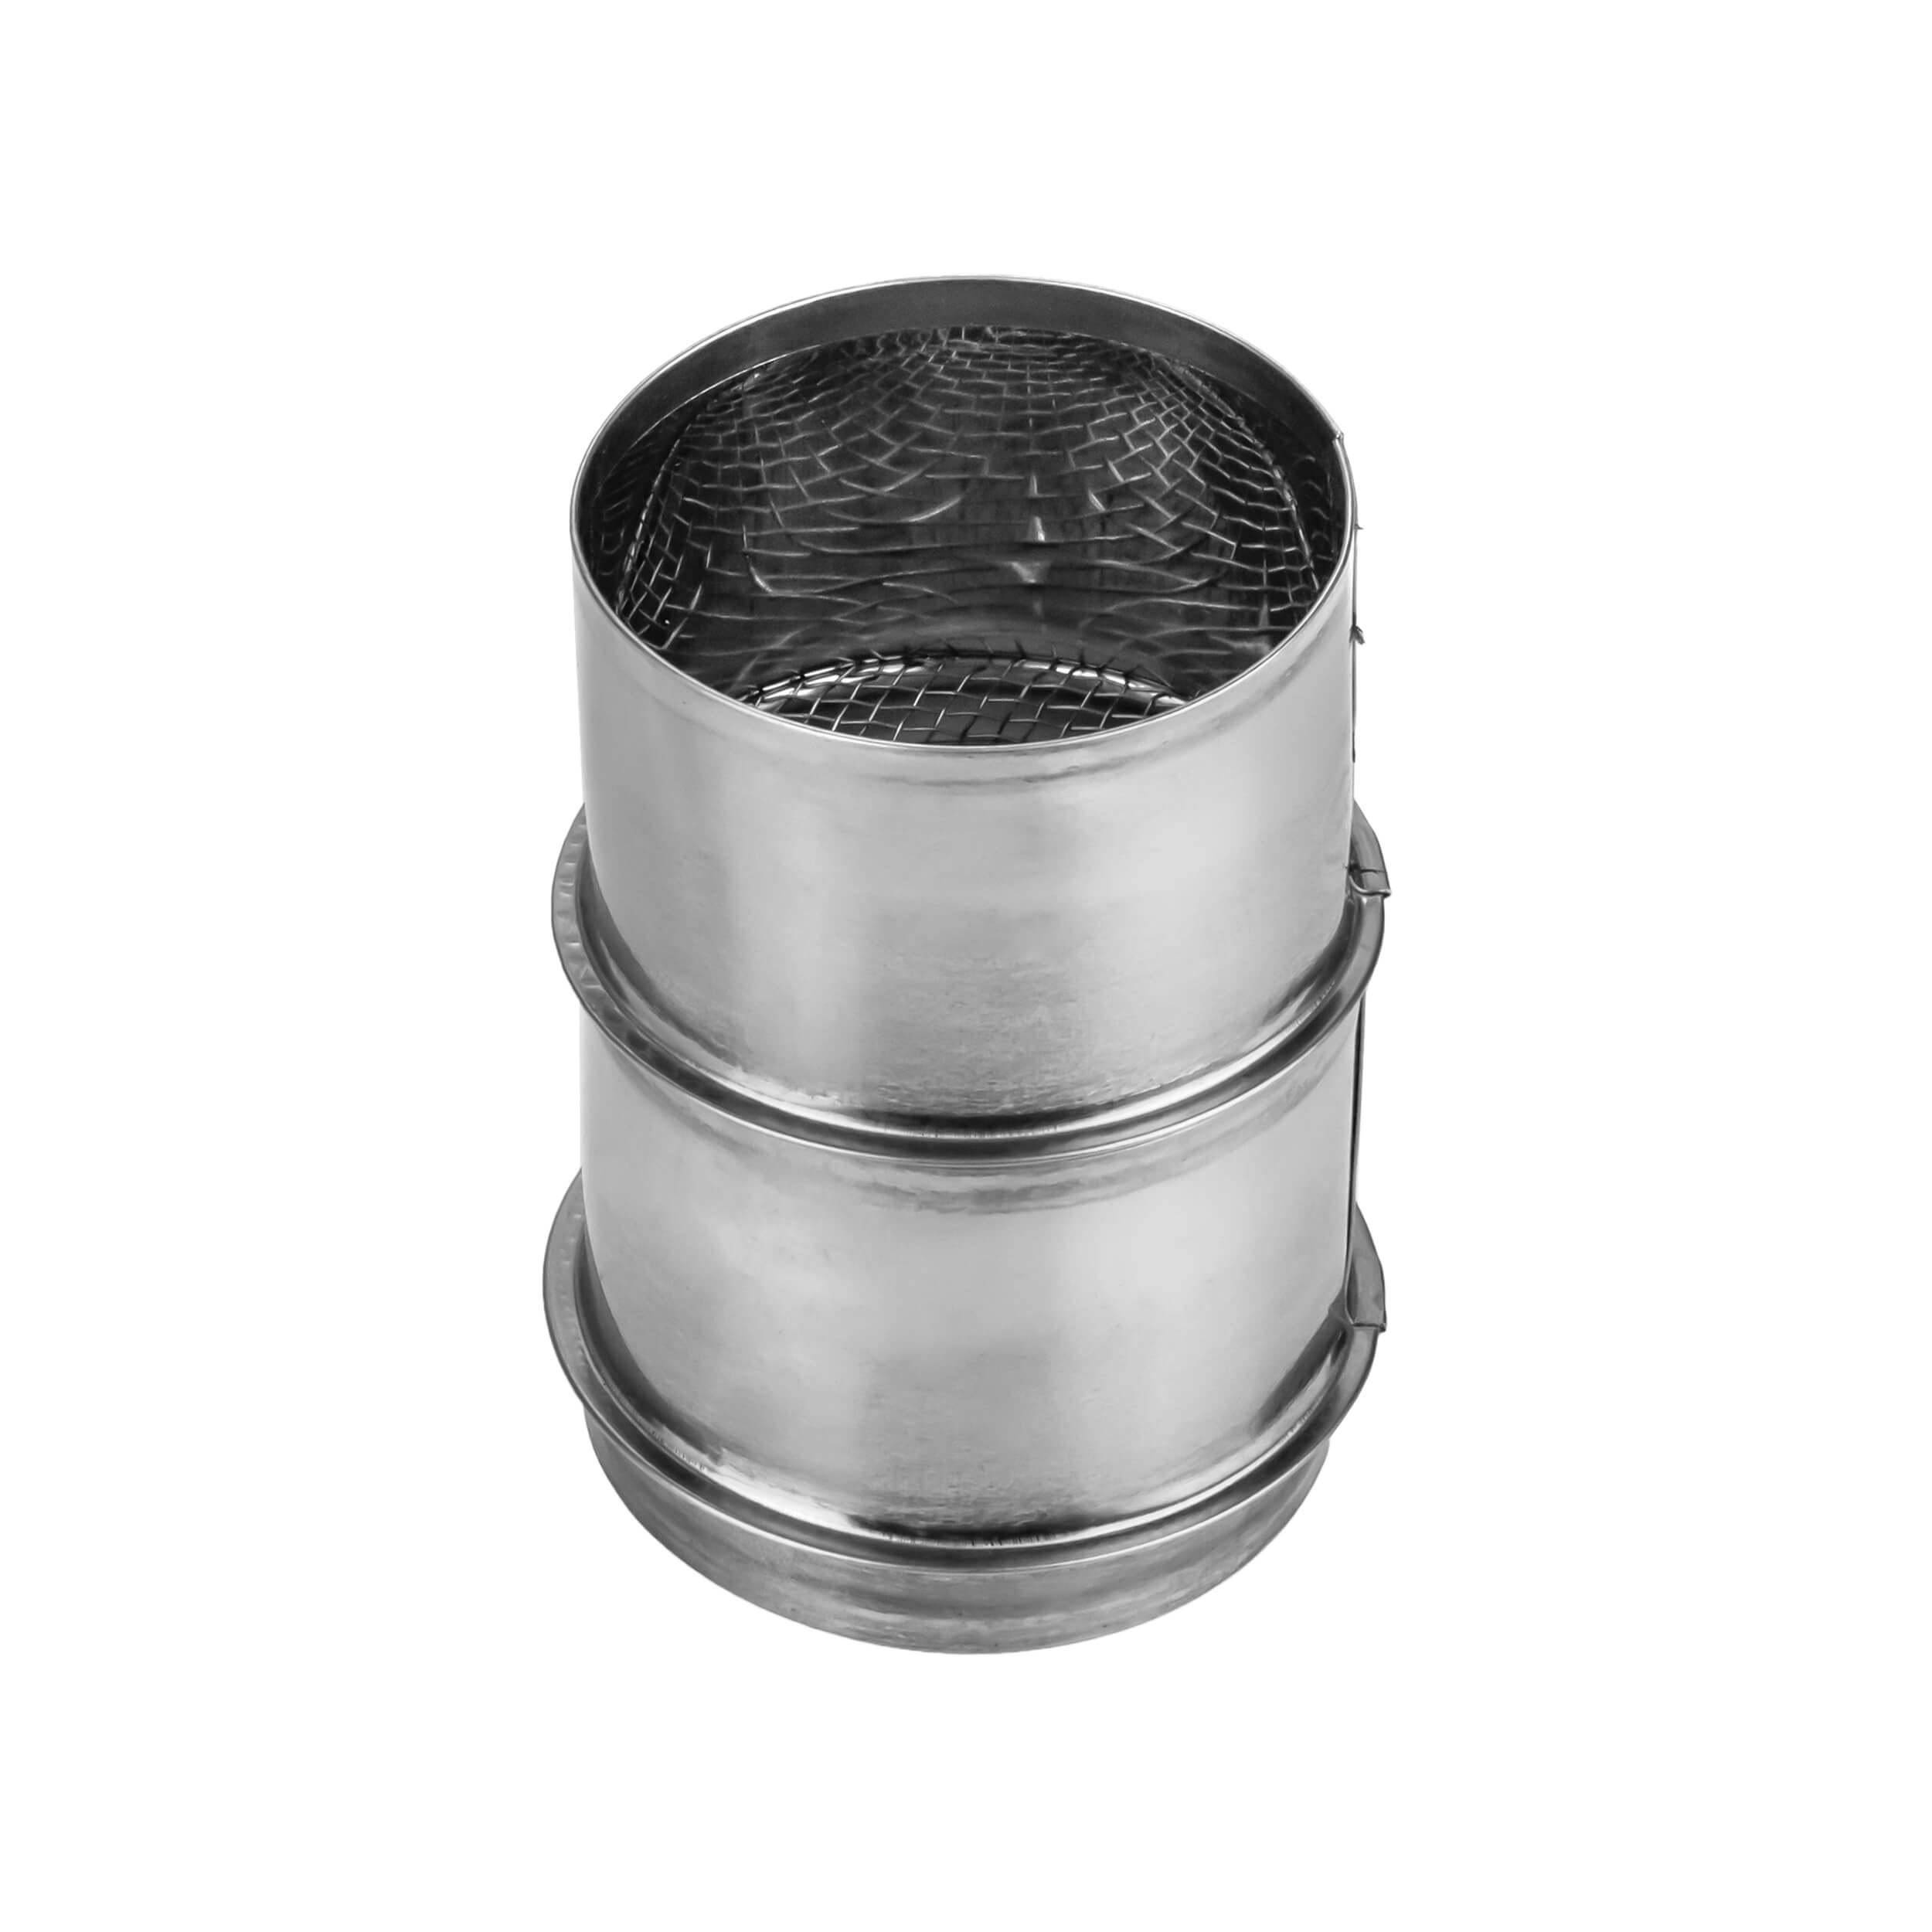 Фильтр для меда на банку (D66 мм, нержавейка) фото